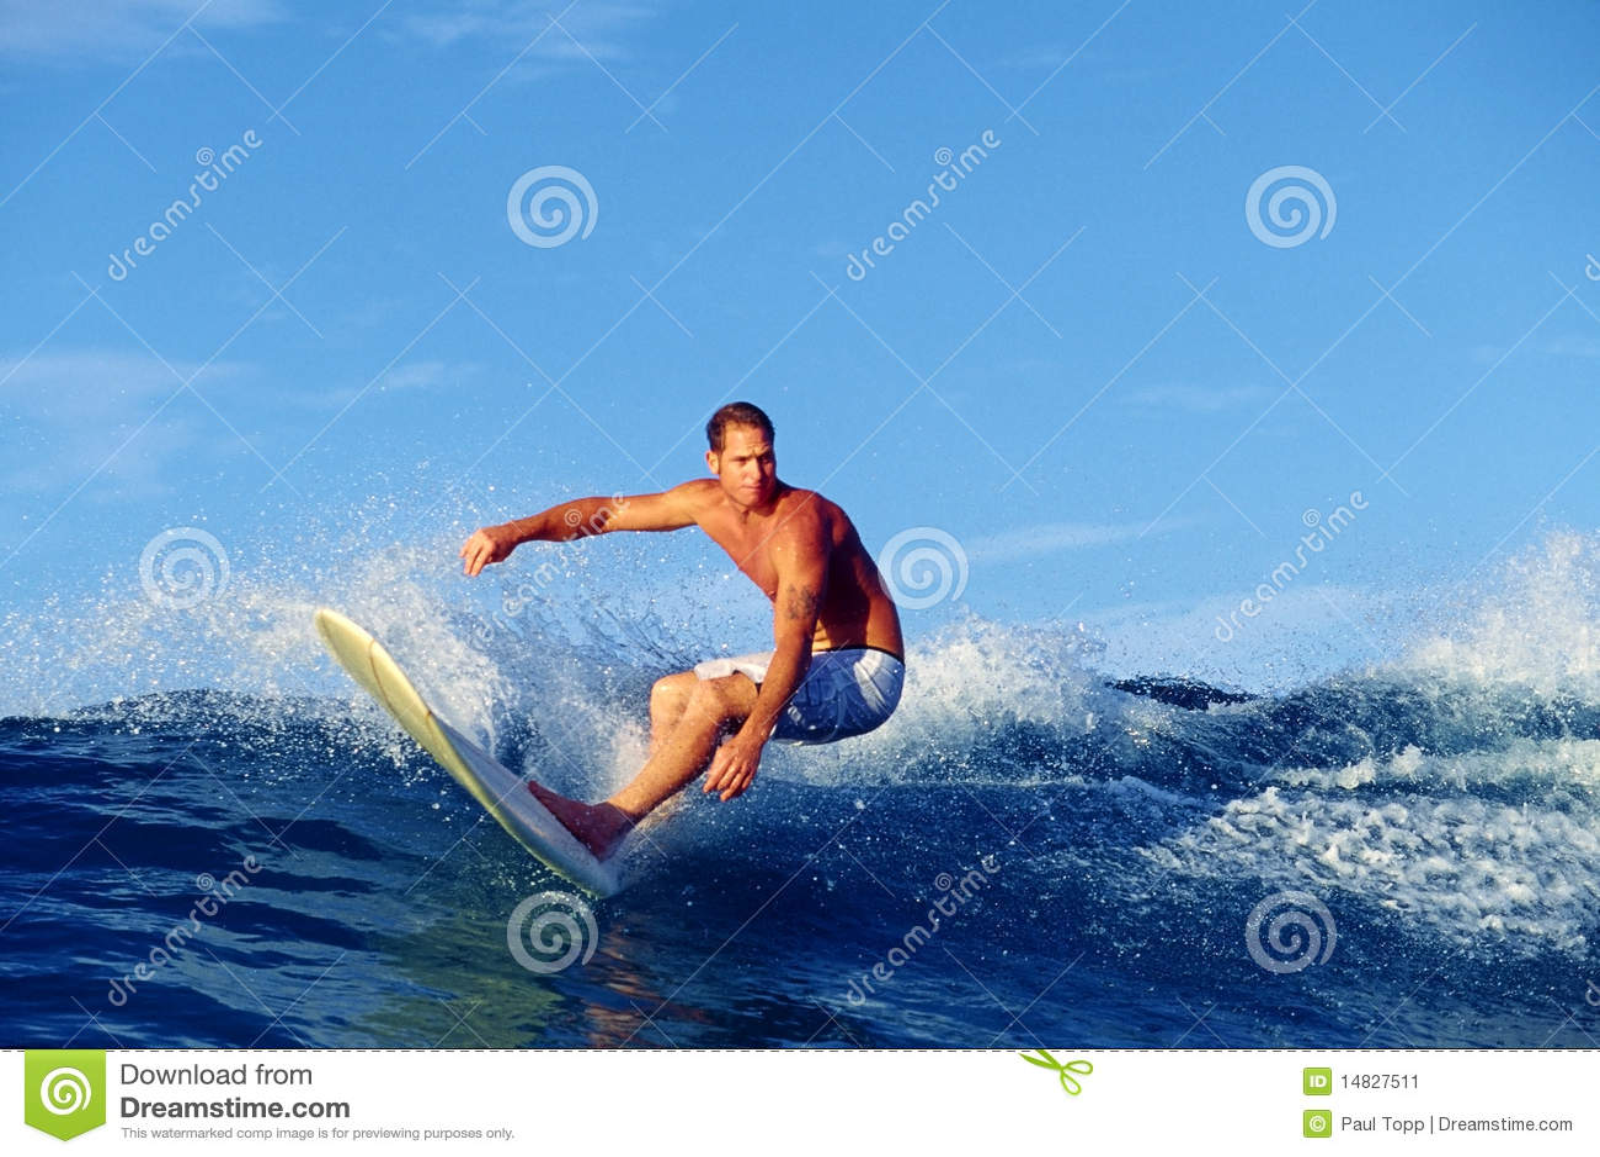 Surfa waikiki för chris gagnonhawaii surfare